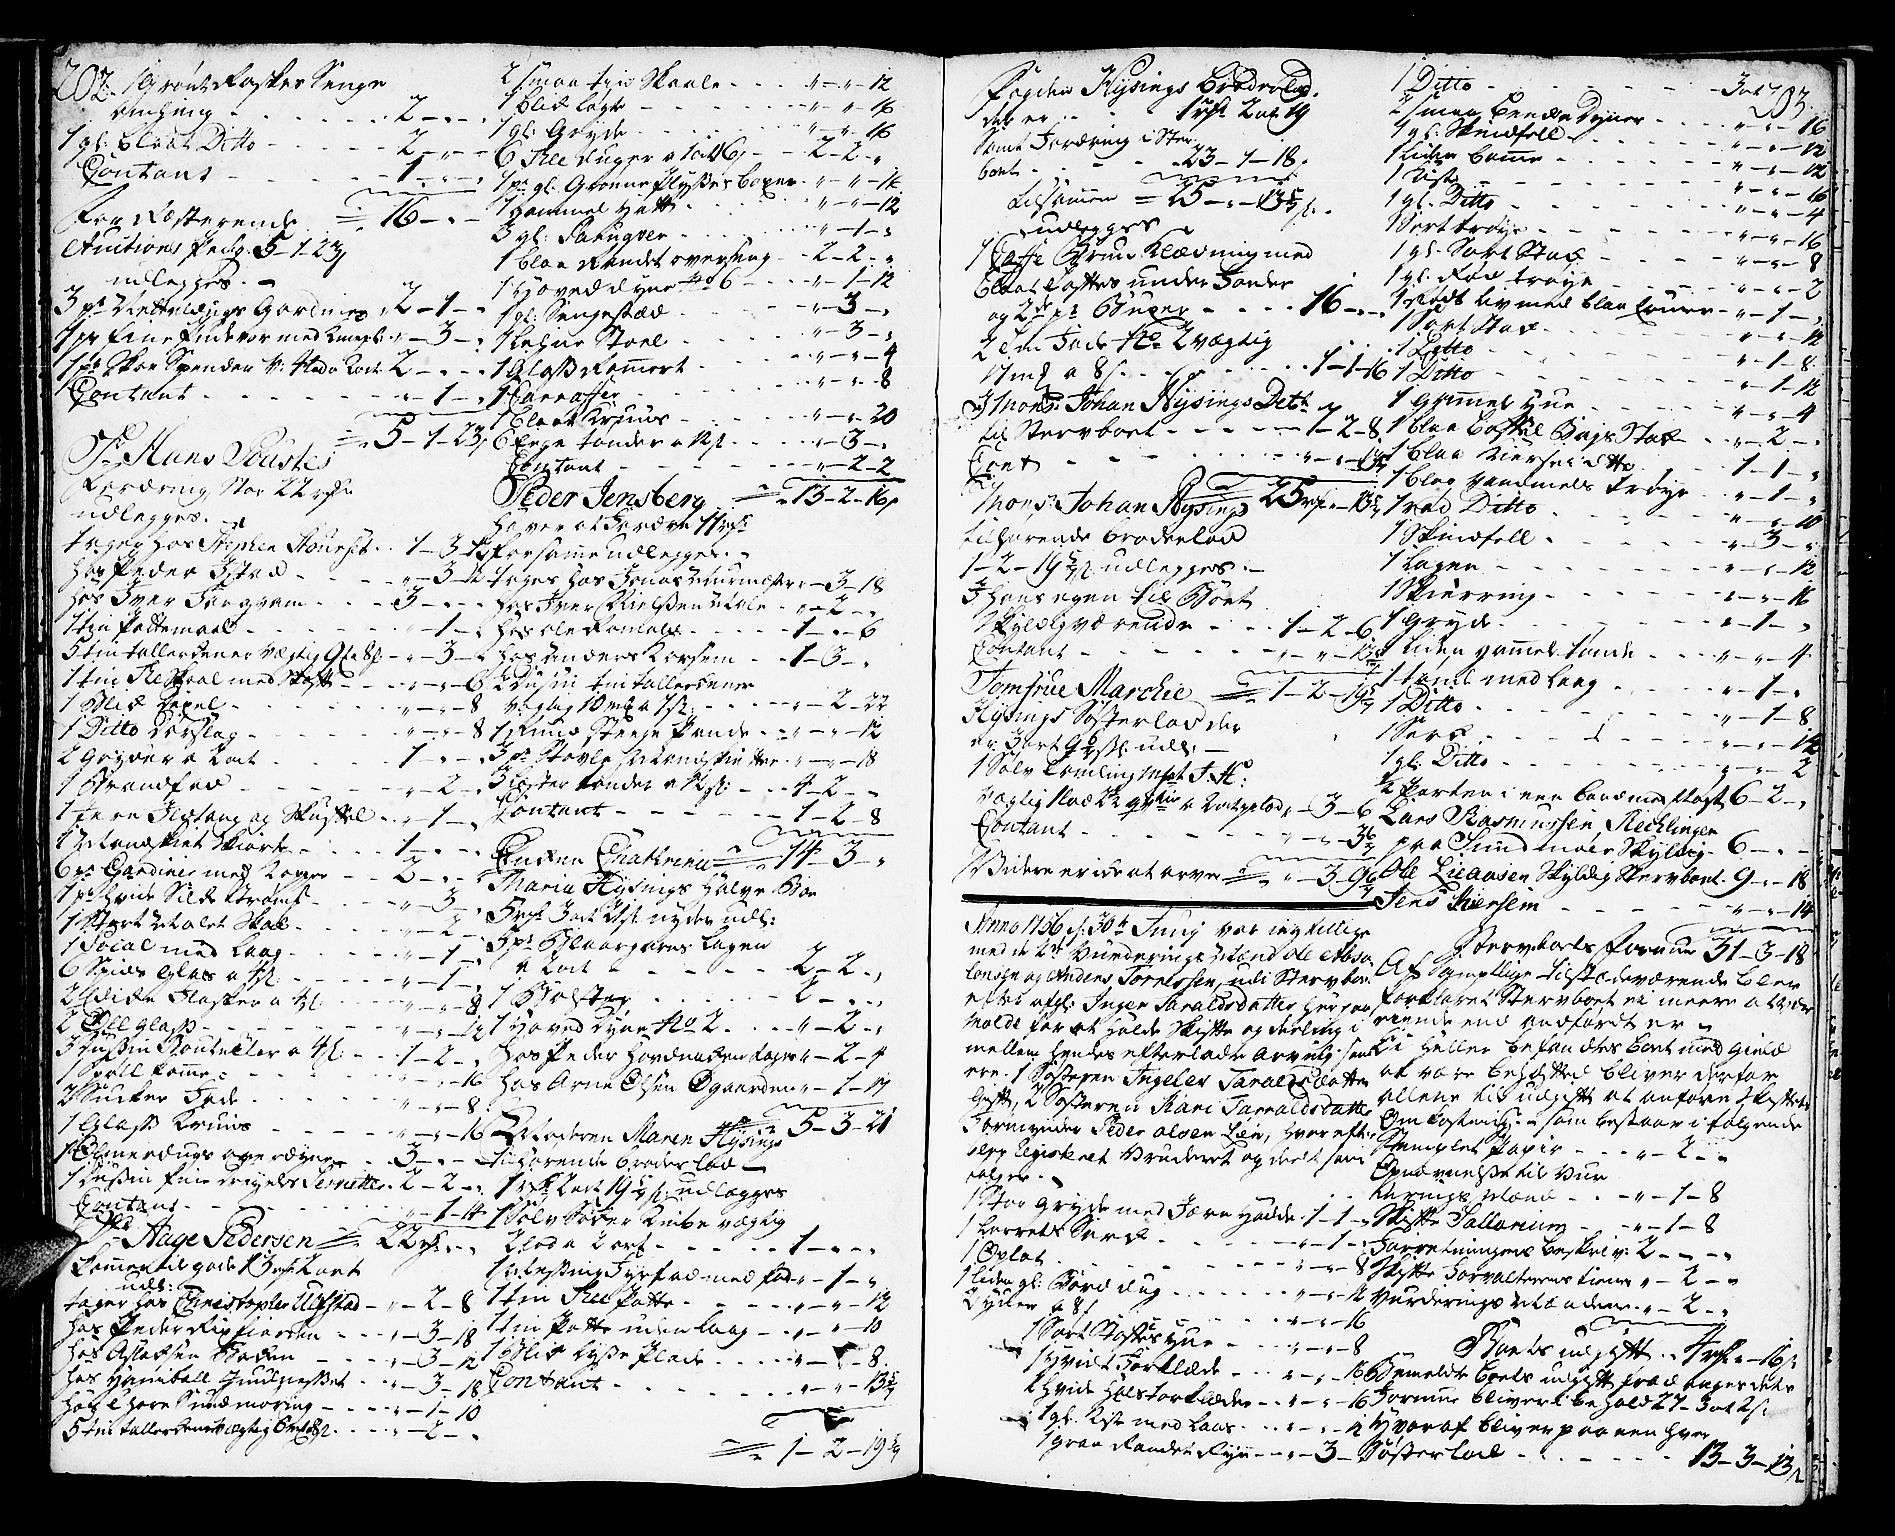 SAT, Molde byfogd, 3Aa/L0001: Skifteprotokoll, 1748-1768, s. 202-203